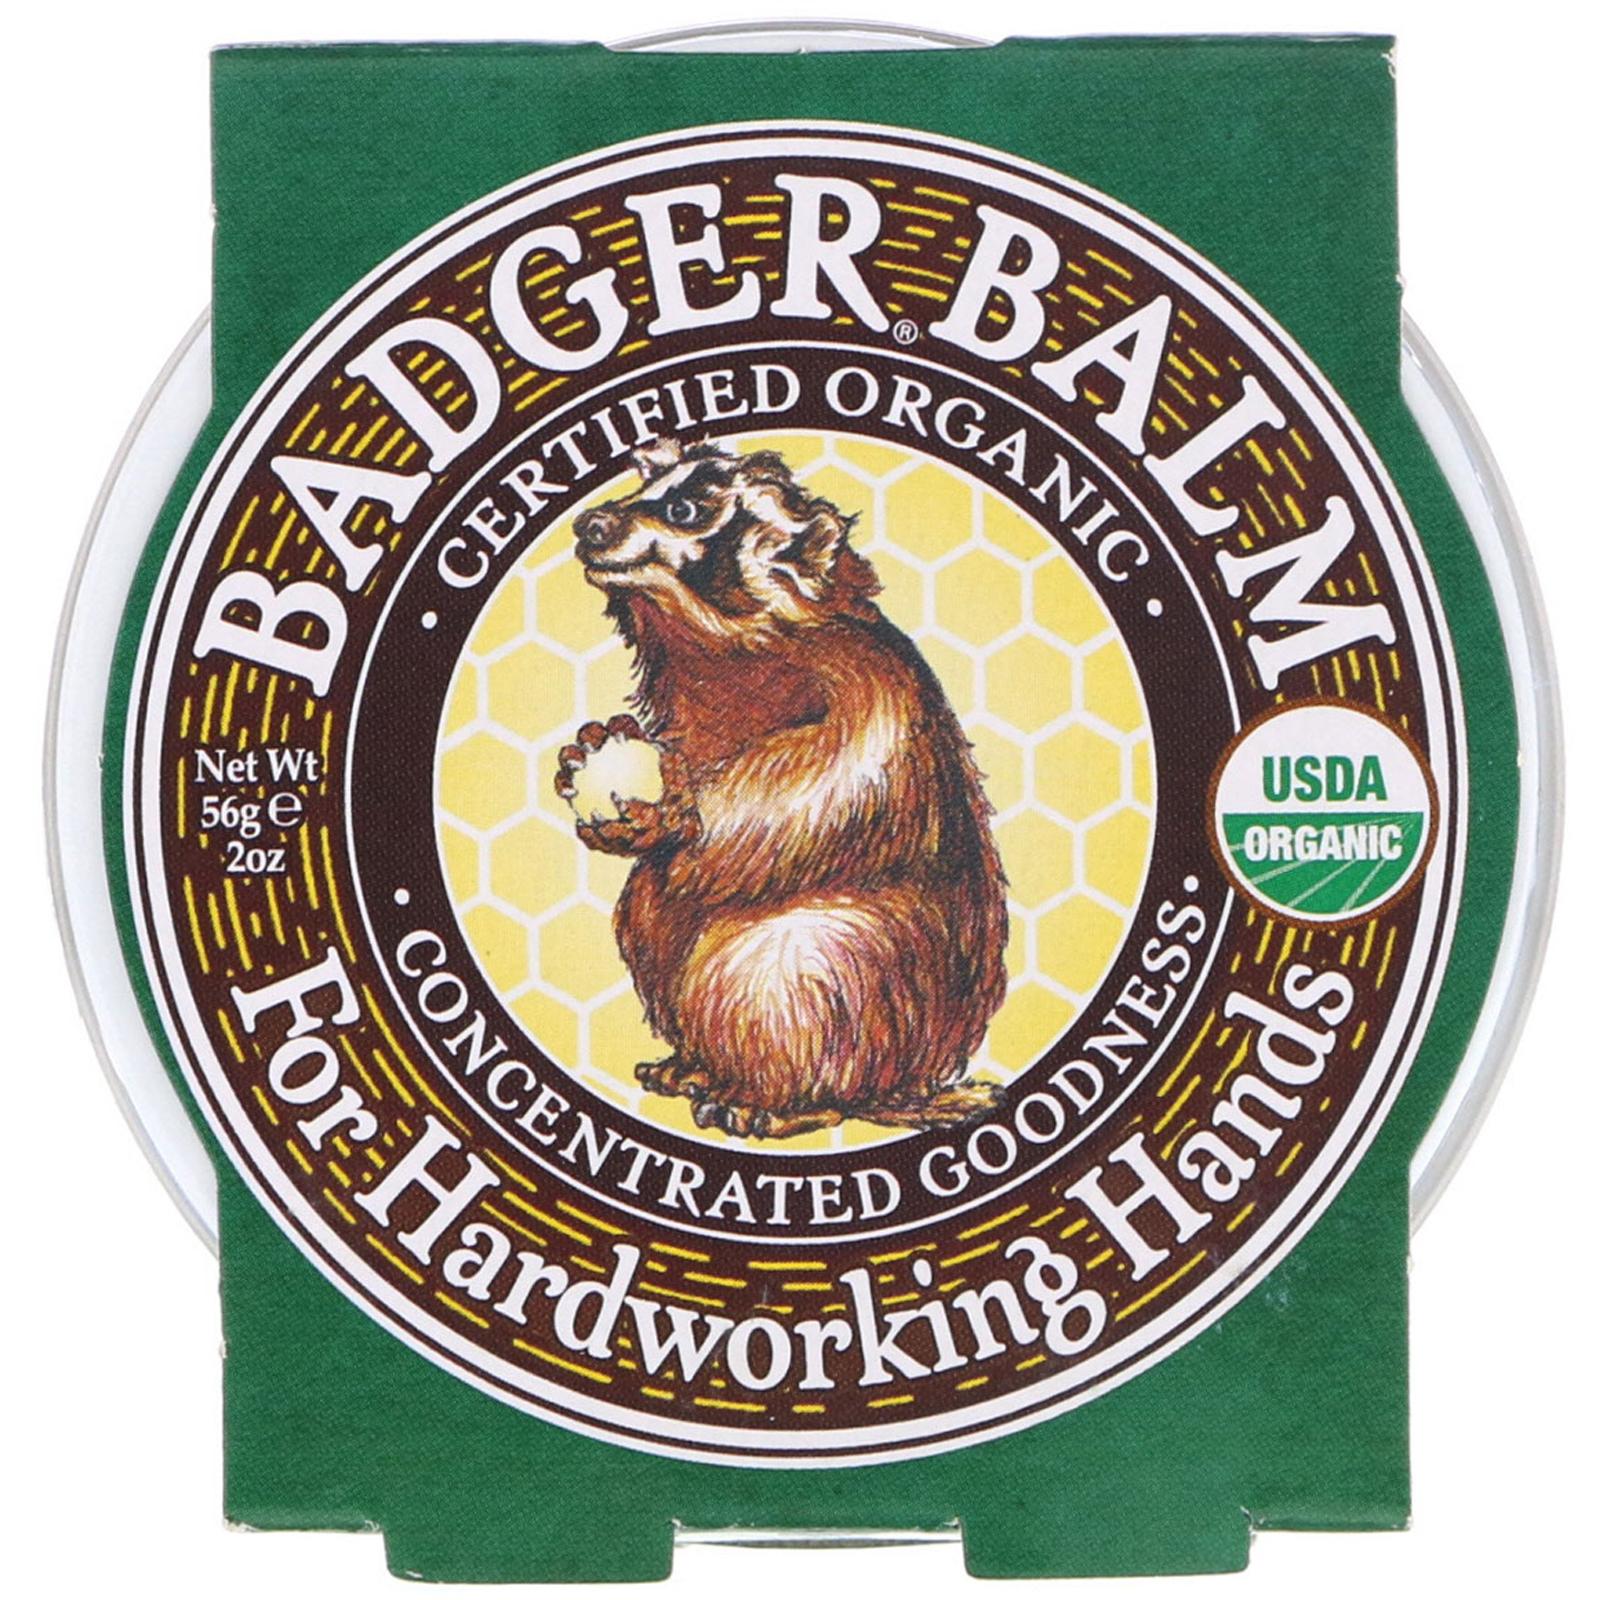 iherb oz badger